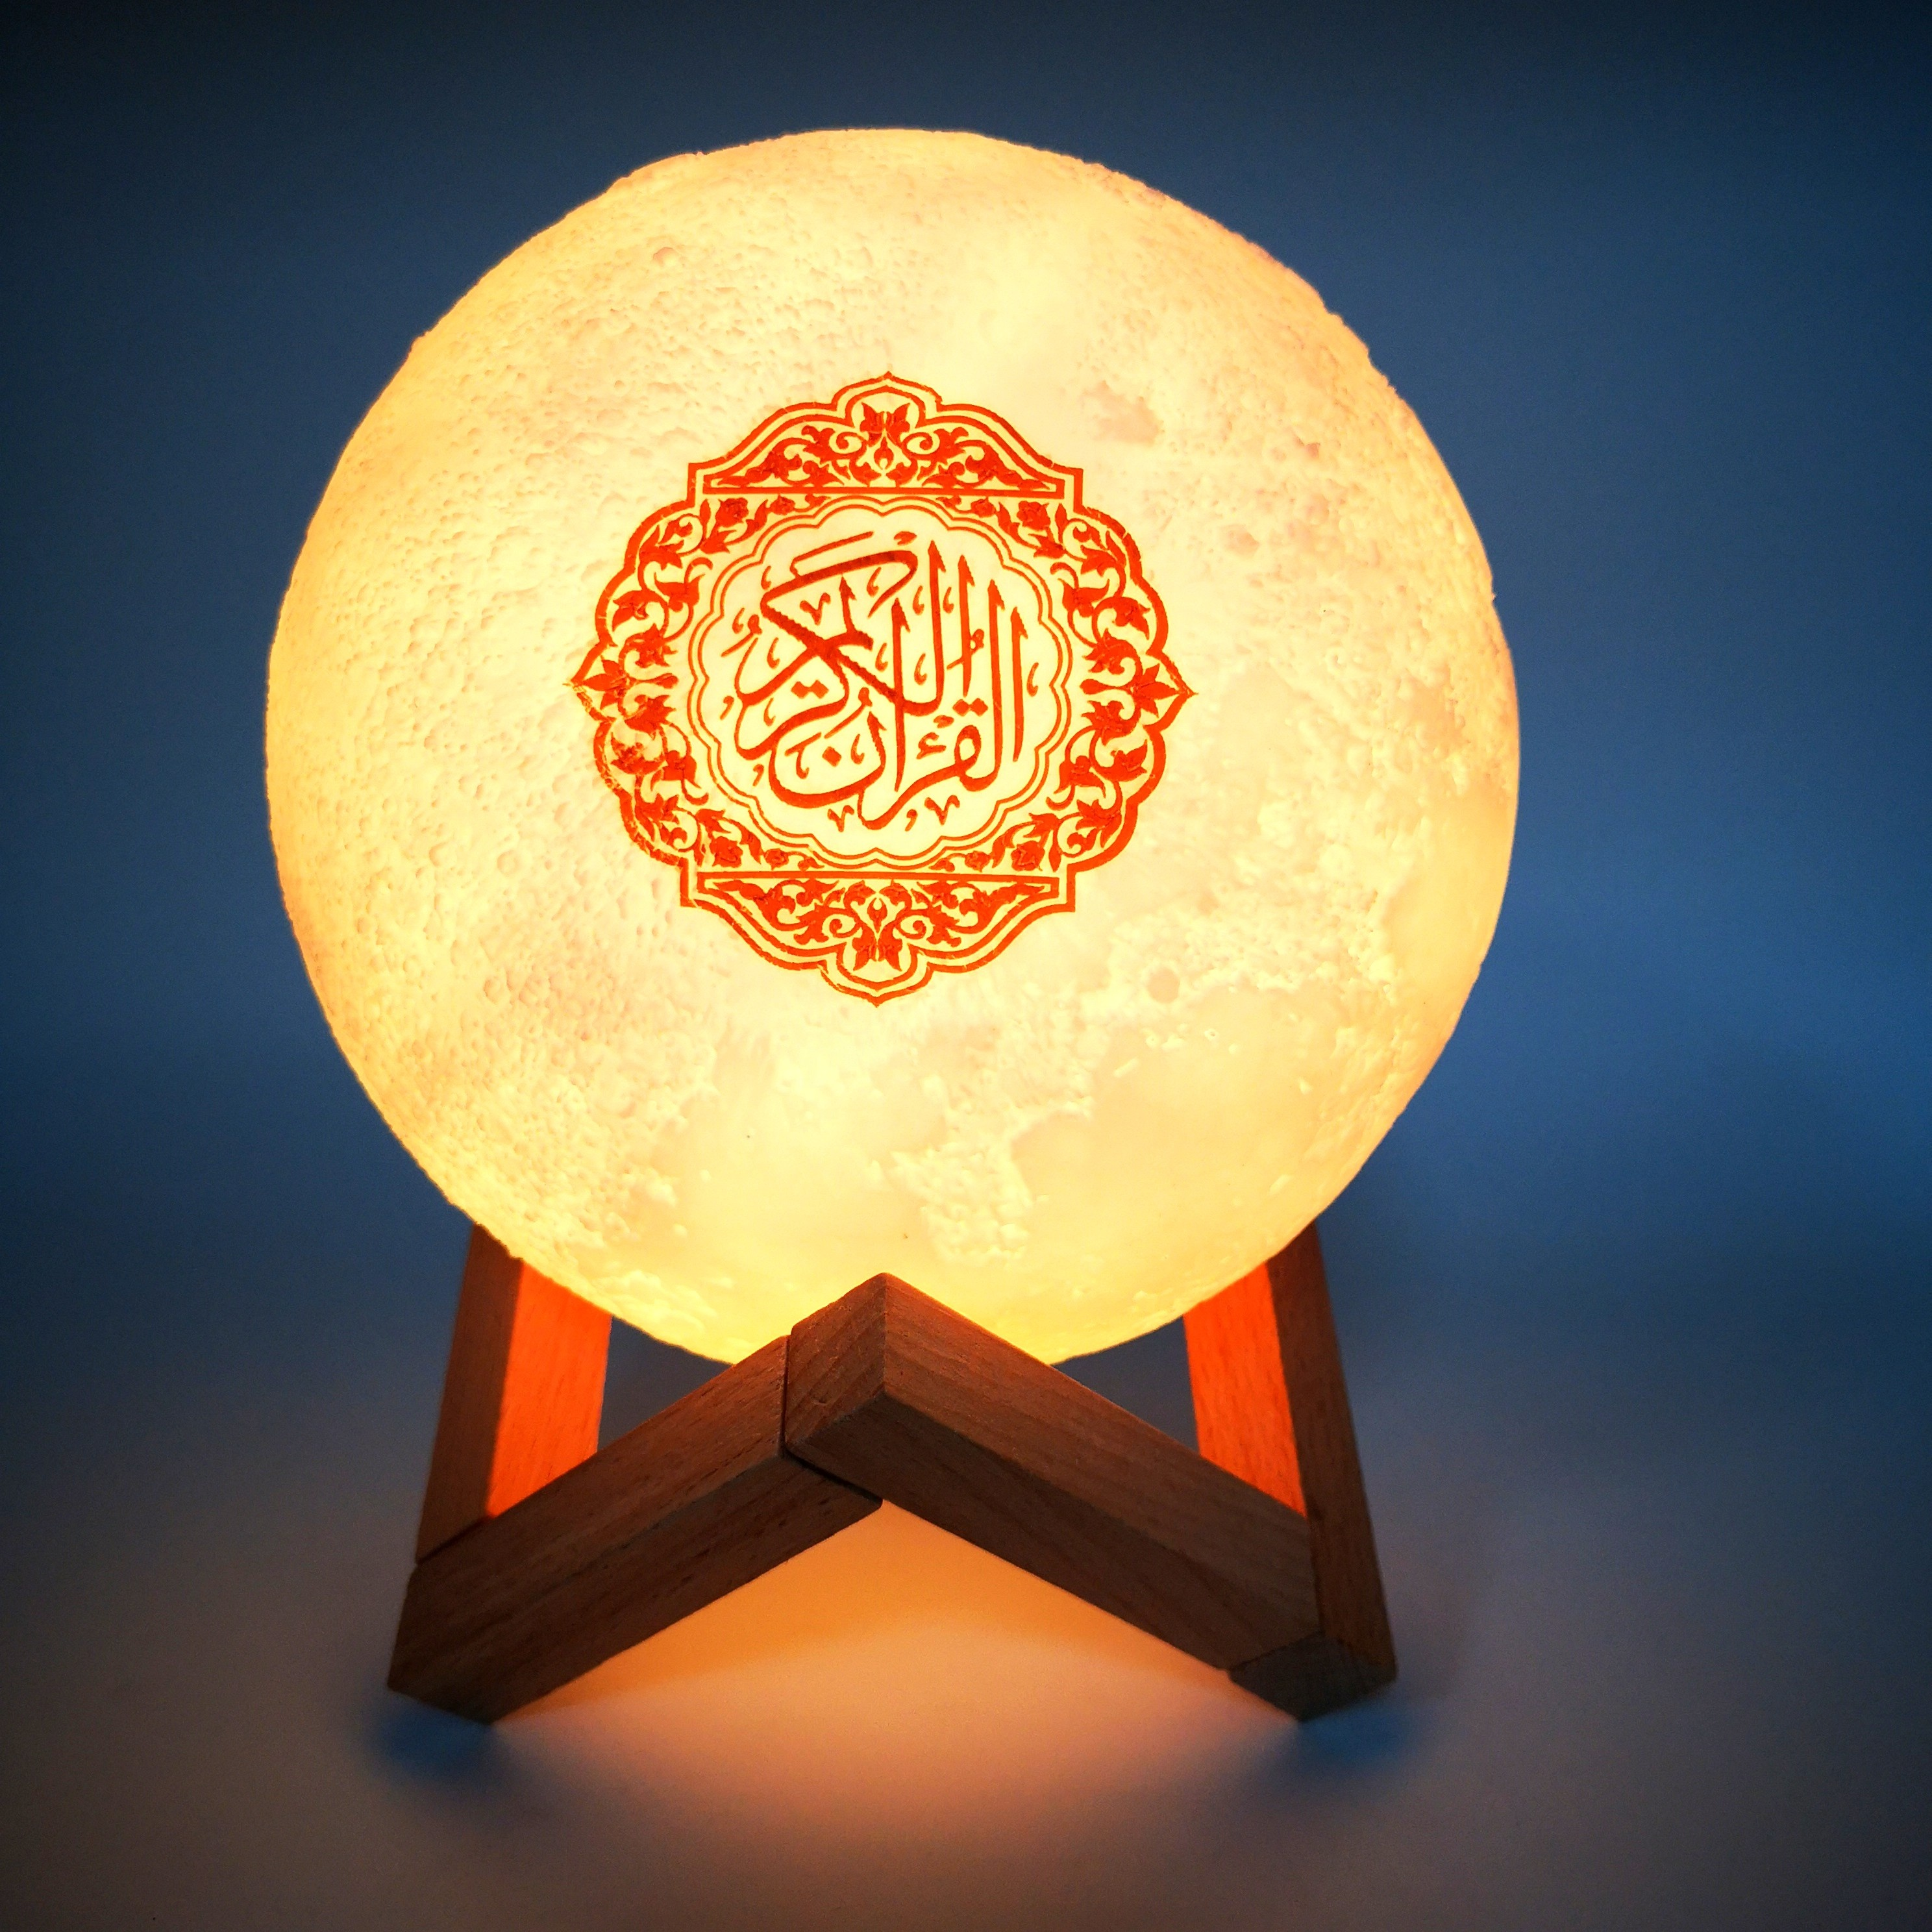 Altofalante Alcorão Touch Moon Lamp Alto-falante Bluetooth Sem Fio Muçulmano 3D Moon Night Light Controle remoto Koran Lamp Alto-falante